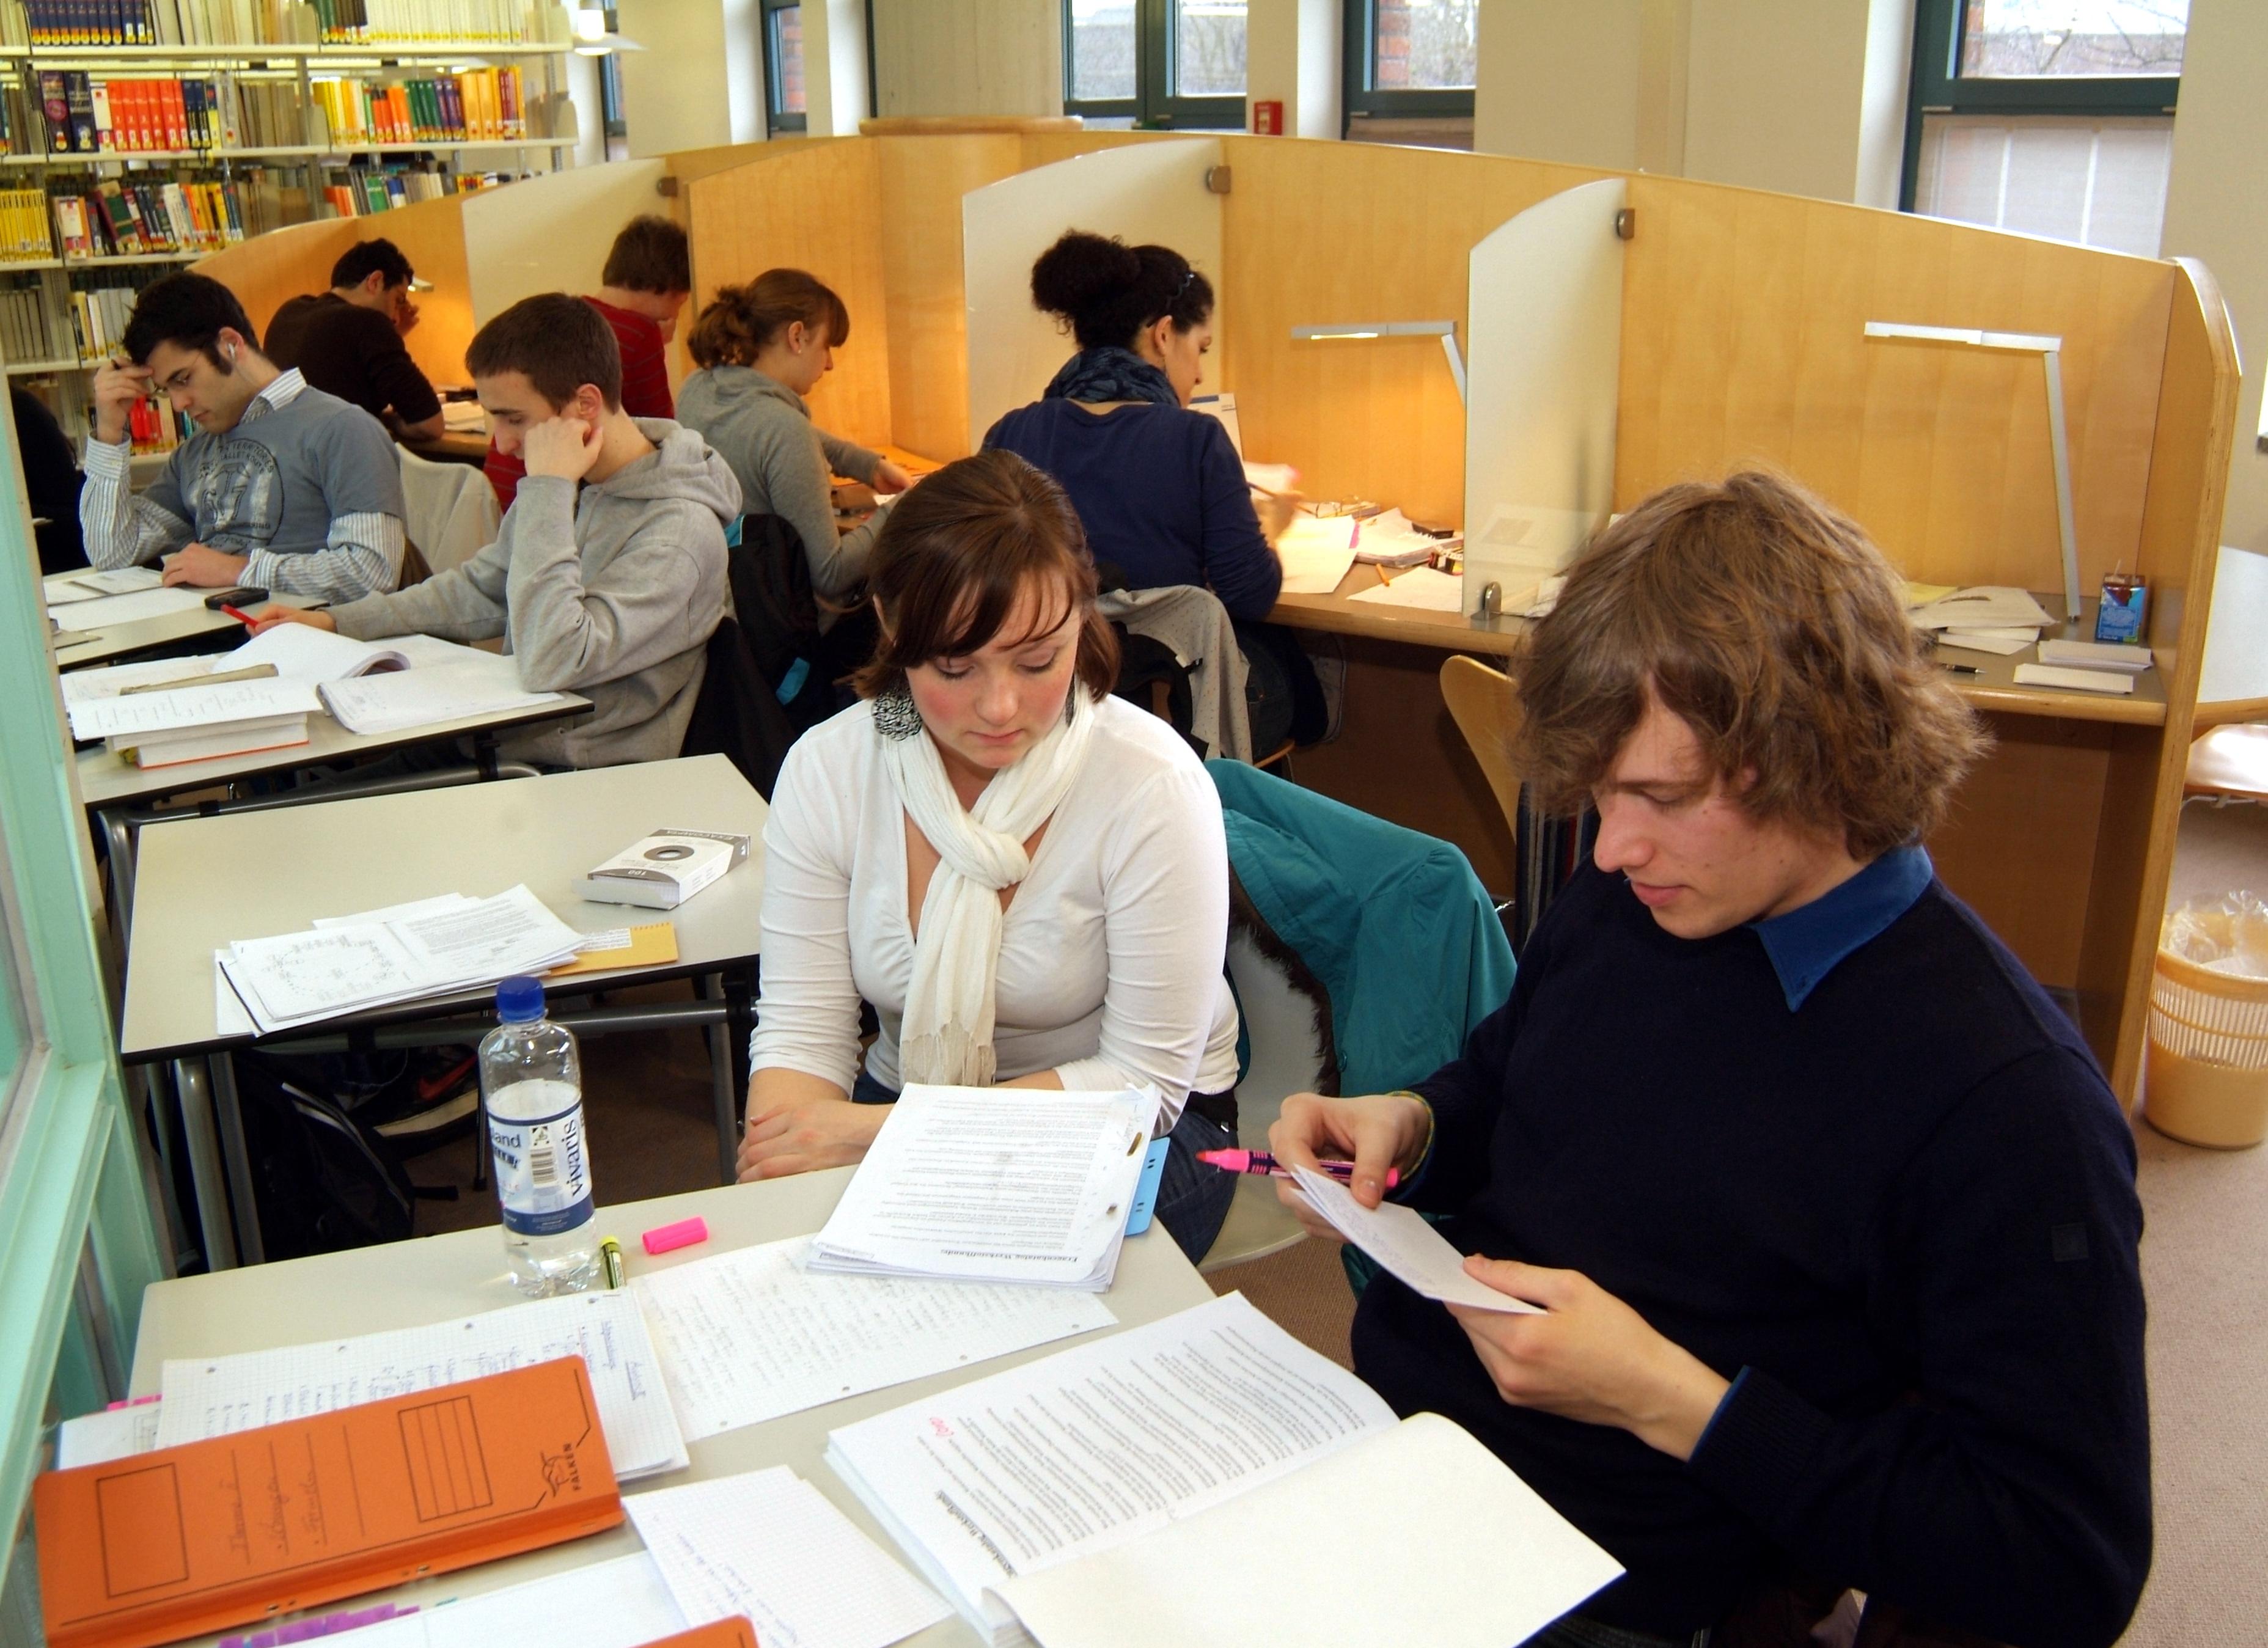 Studierende beim Lernen in der Bibliothek